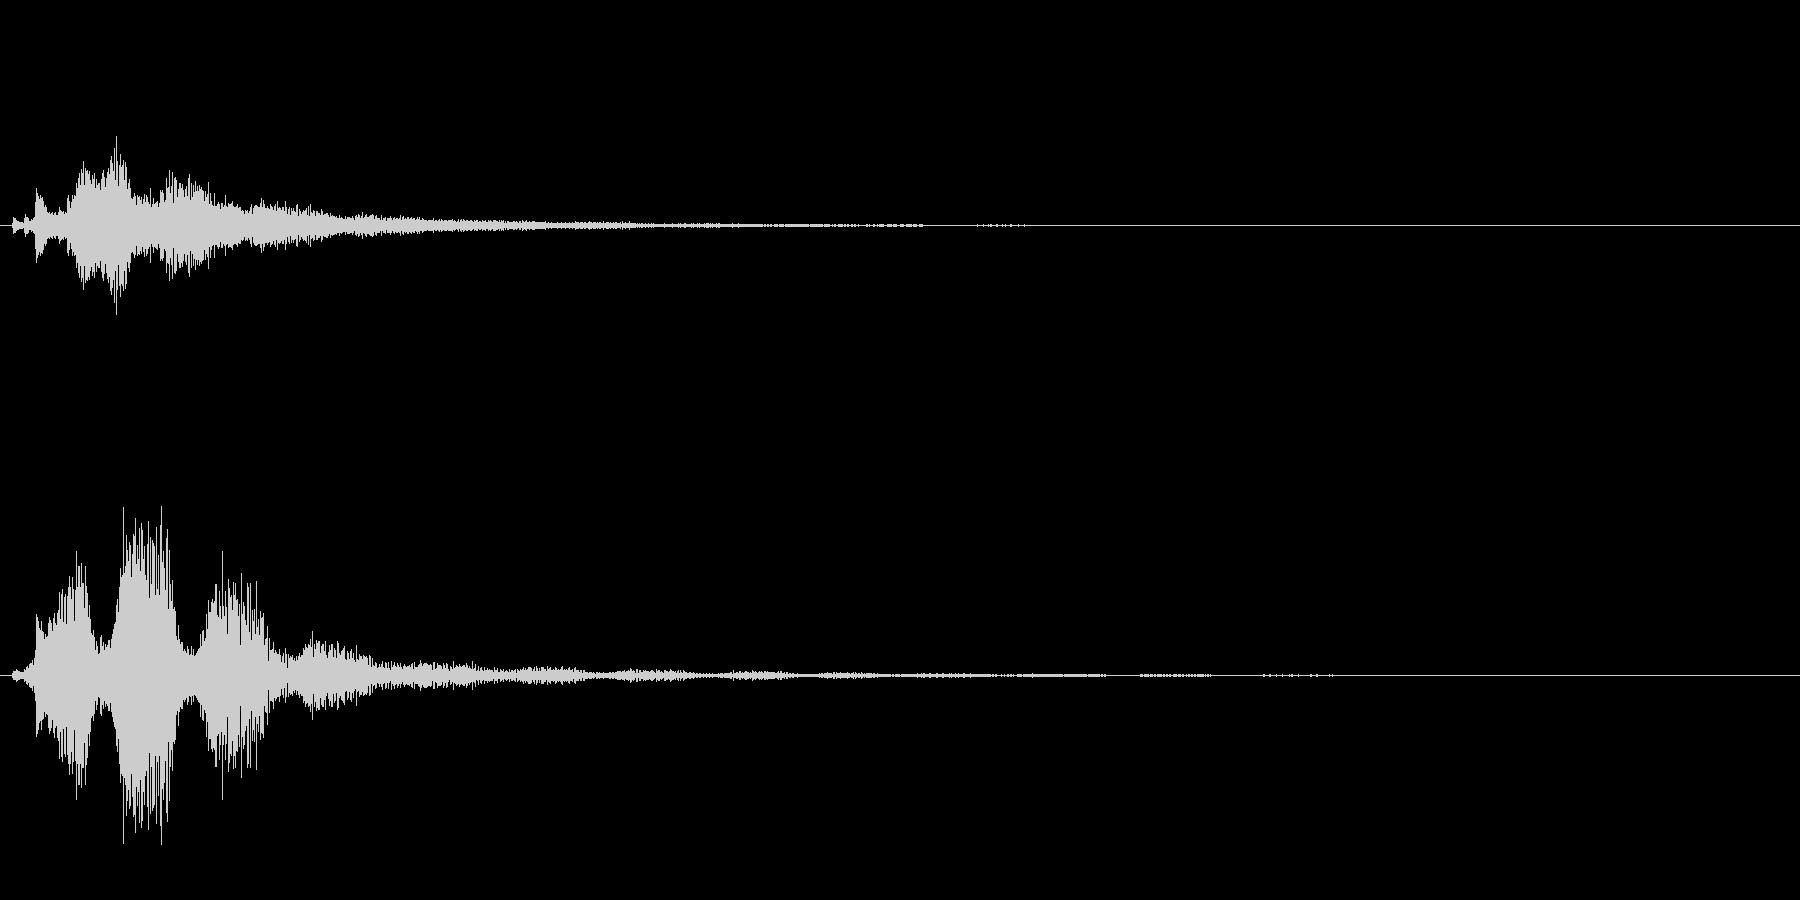 キラキラ系_063の未再生の波形